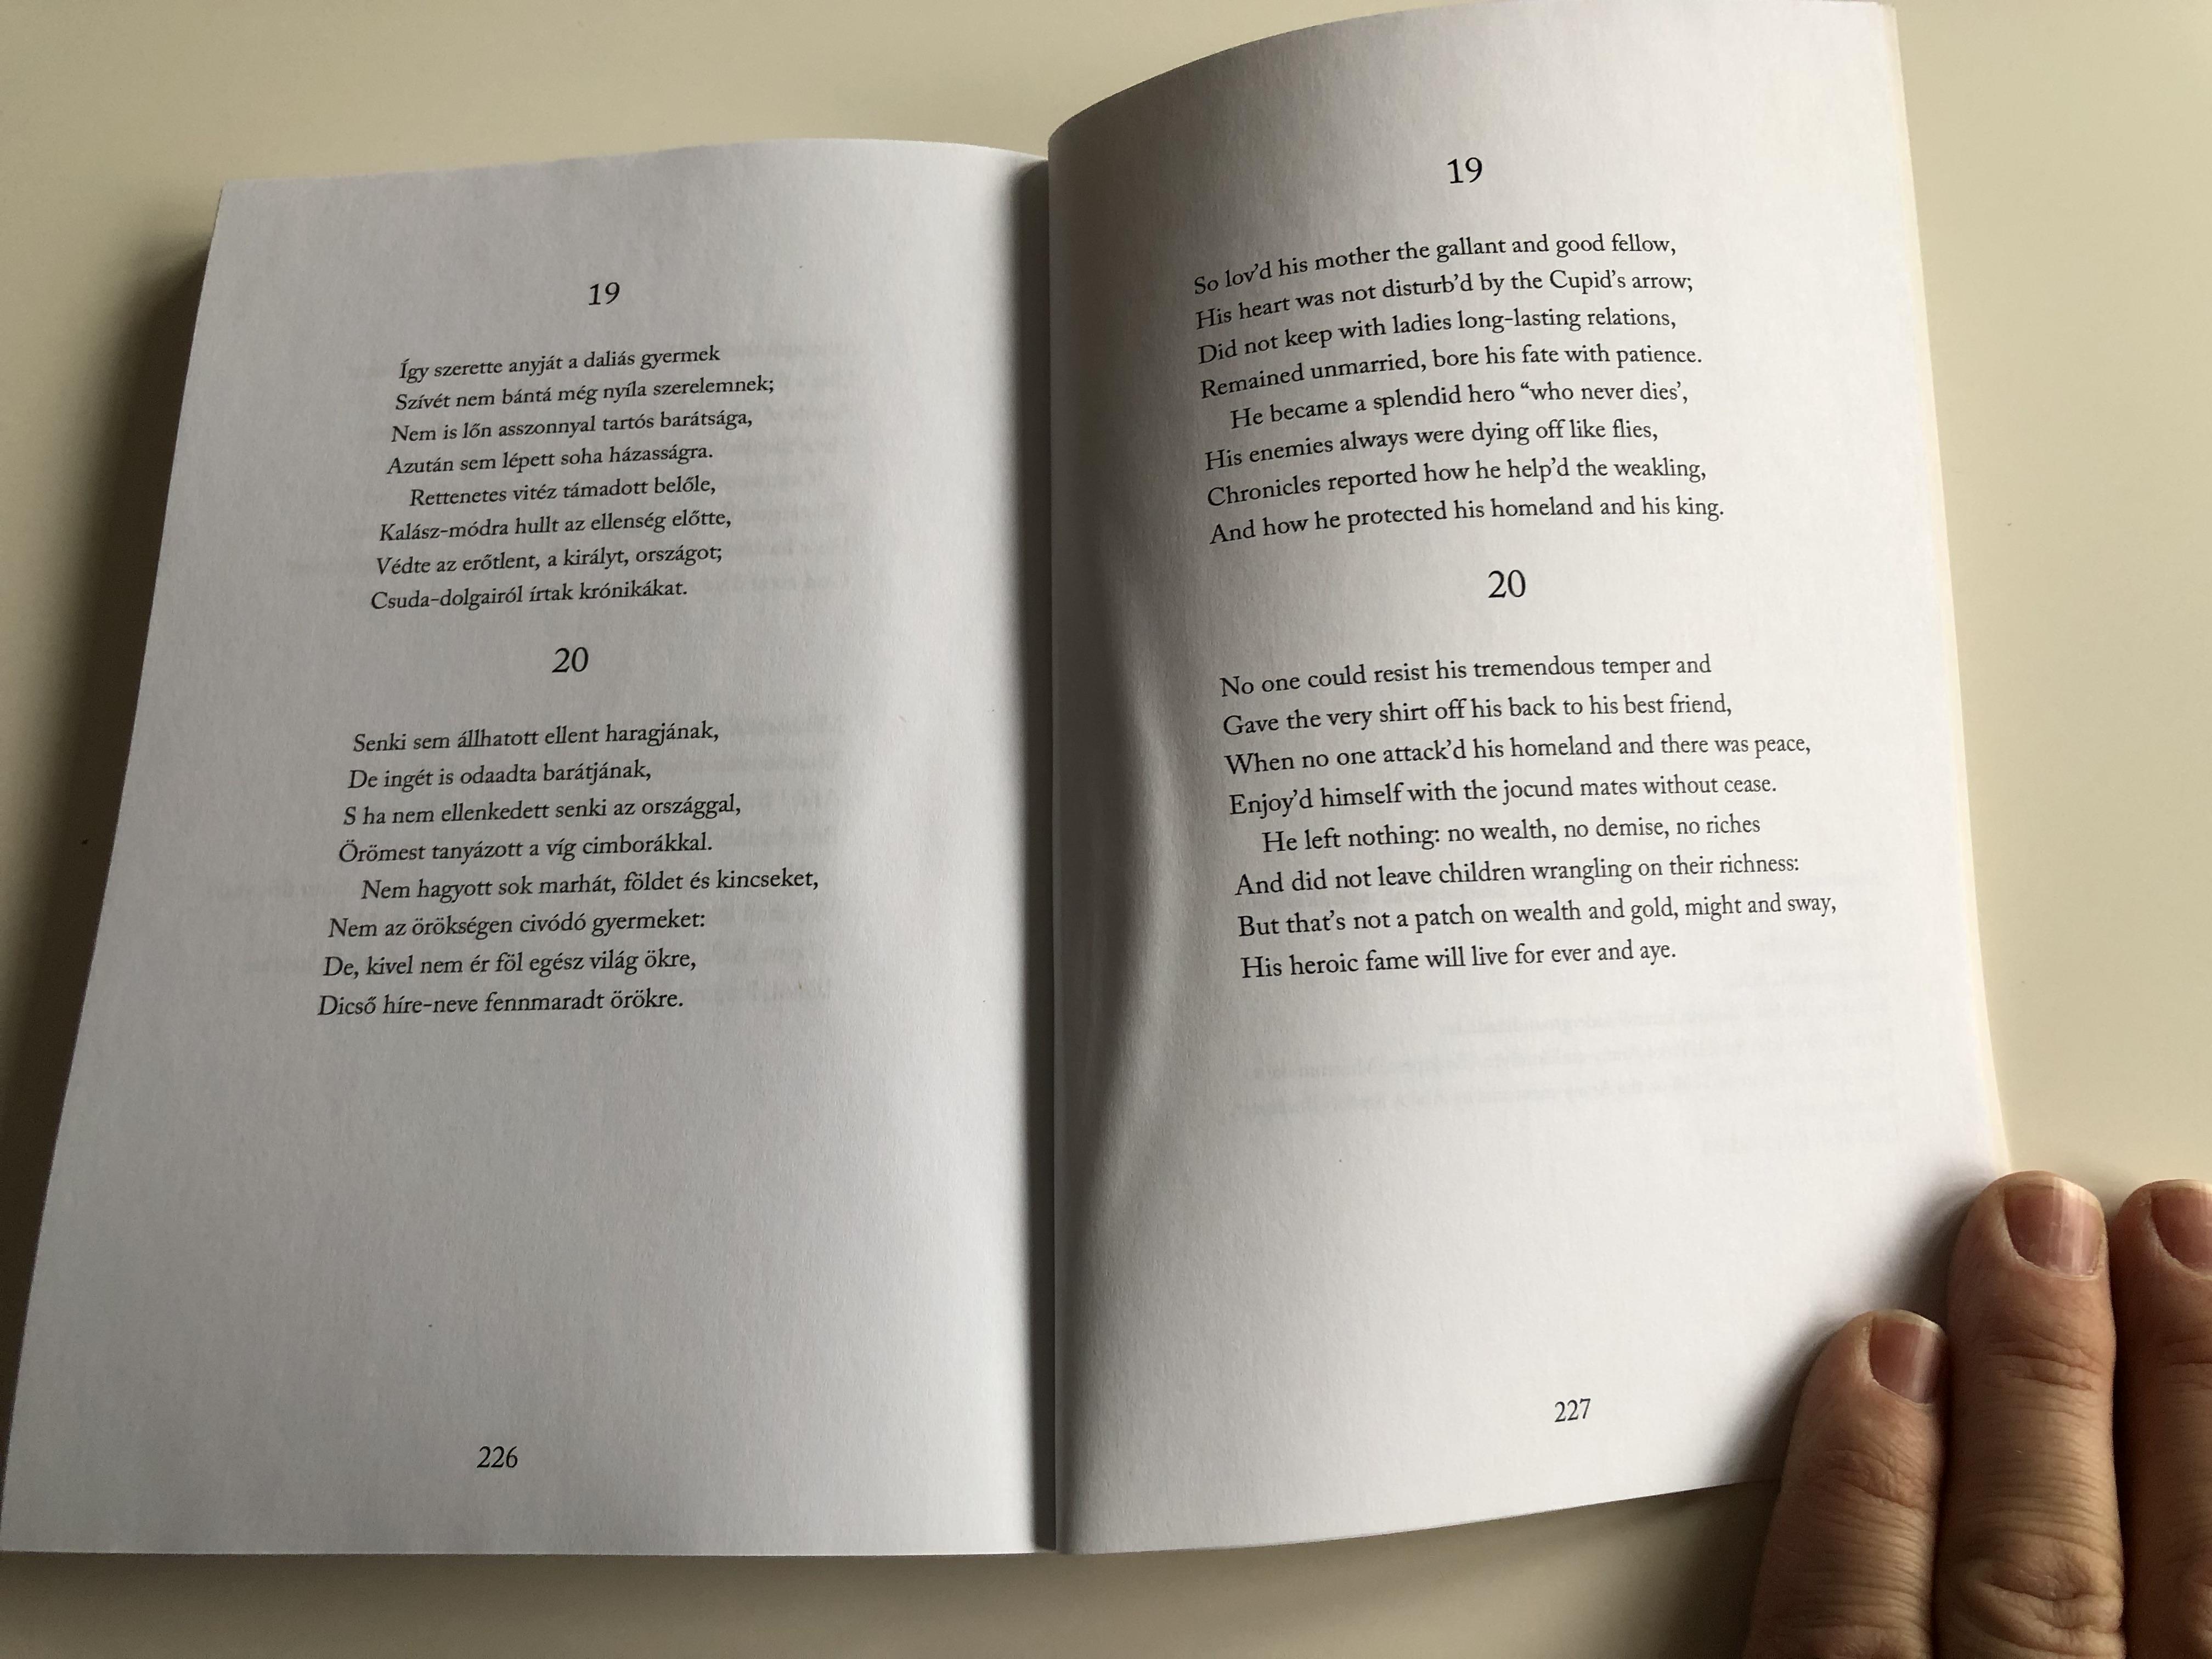 arany-janos-toldi-bilingual-hungarian-english-edition-7.jpg